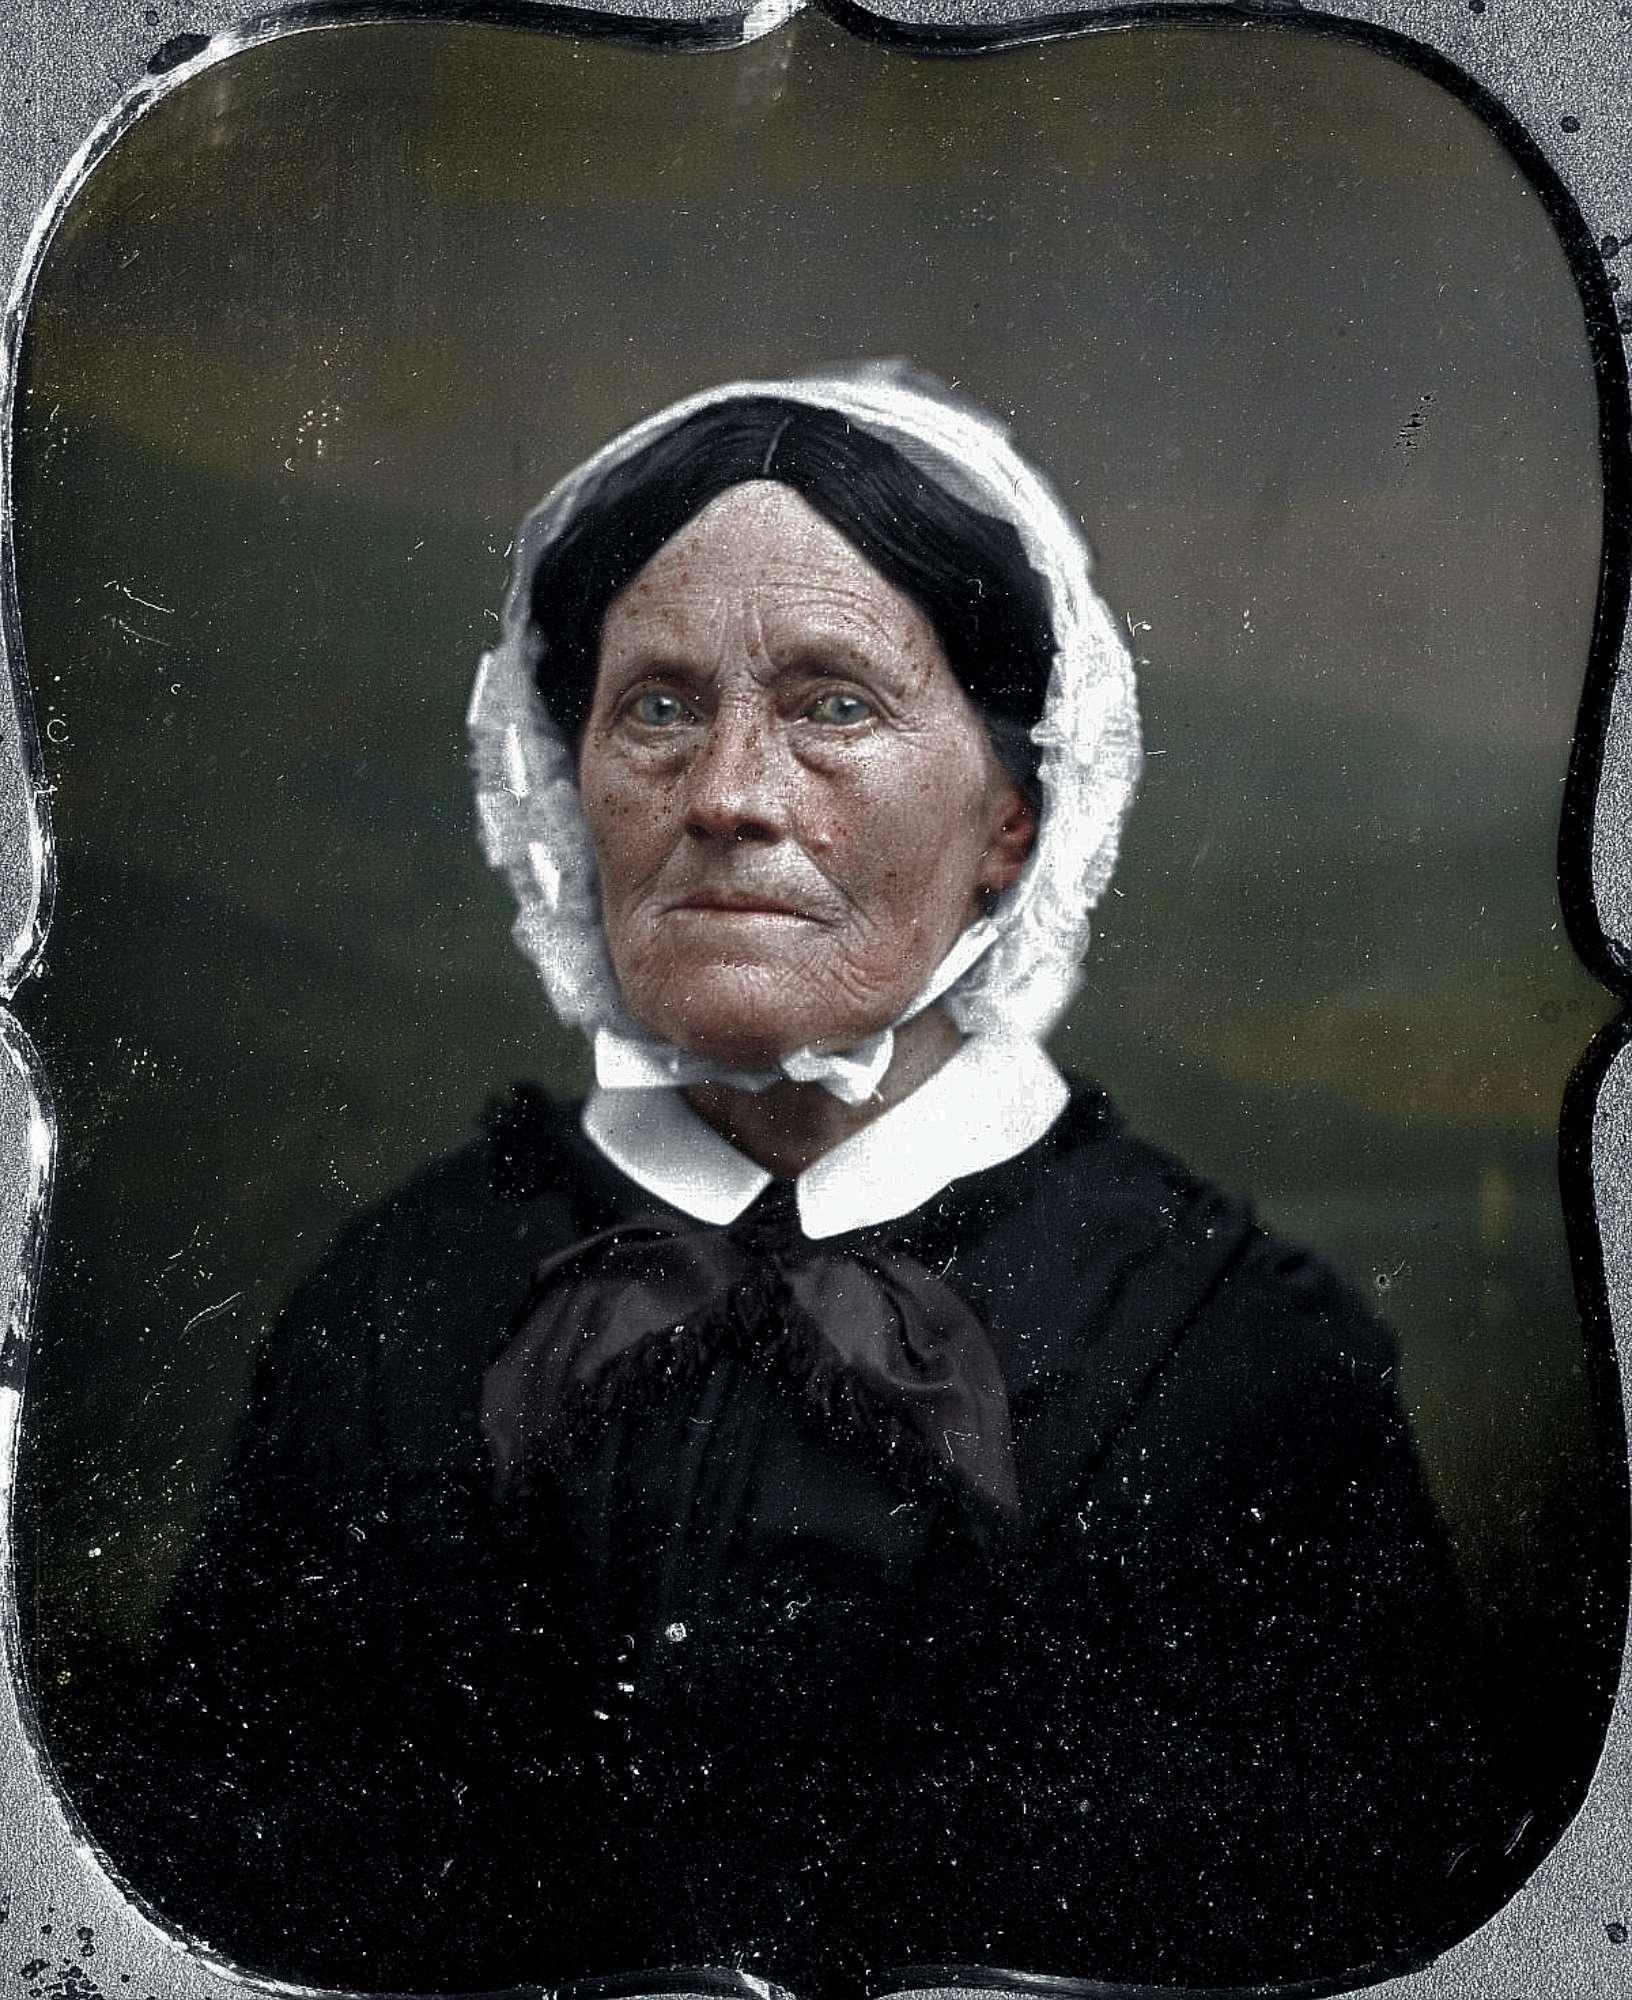 Scatti d annata, ecco i primi ritratti della storia della fotografia